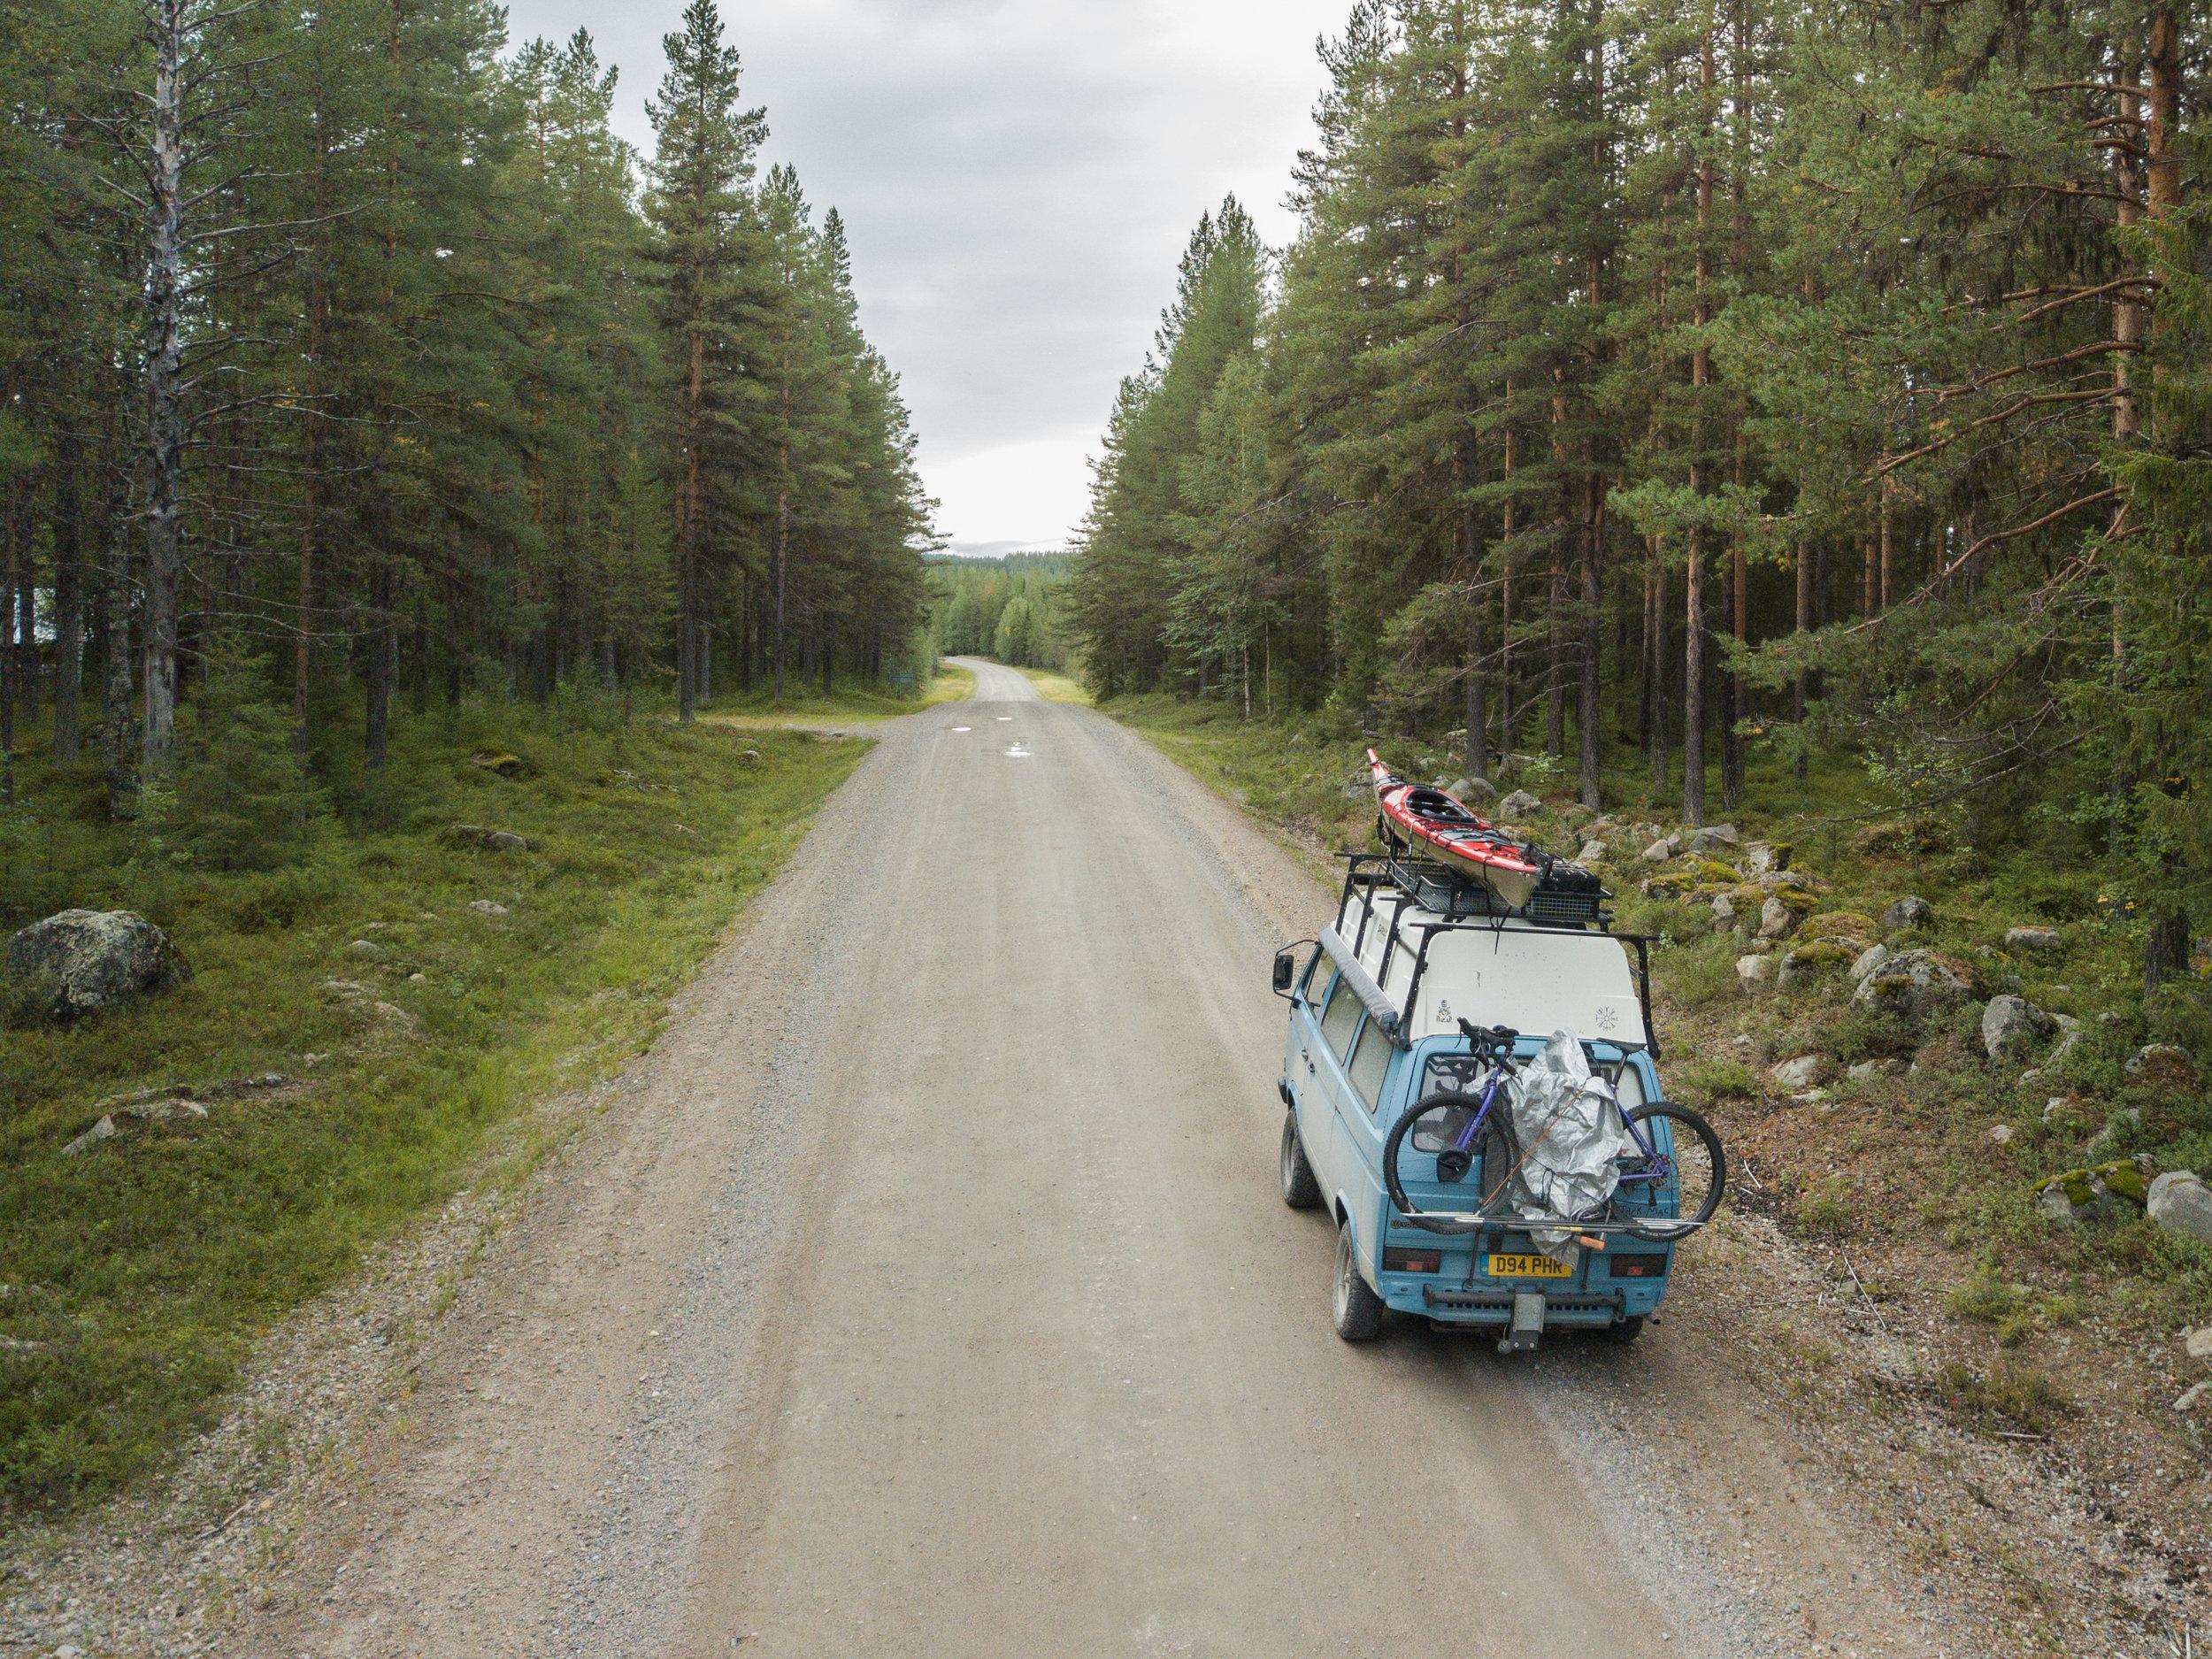 vw, vw syncro, vw bus, syncro, t3 syncro, lt 4x4, travel, jack mac, bicycle touring apocalypse, prijon, prijon kayaks, surly, surly bikes, bikepacking, vw t25, t25, t3, vanagon, vanagon syncro, norway, lofoten, vanlife, vanlife vlog, vanlifer, surly, surly bikes, surly karate monkey